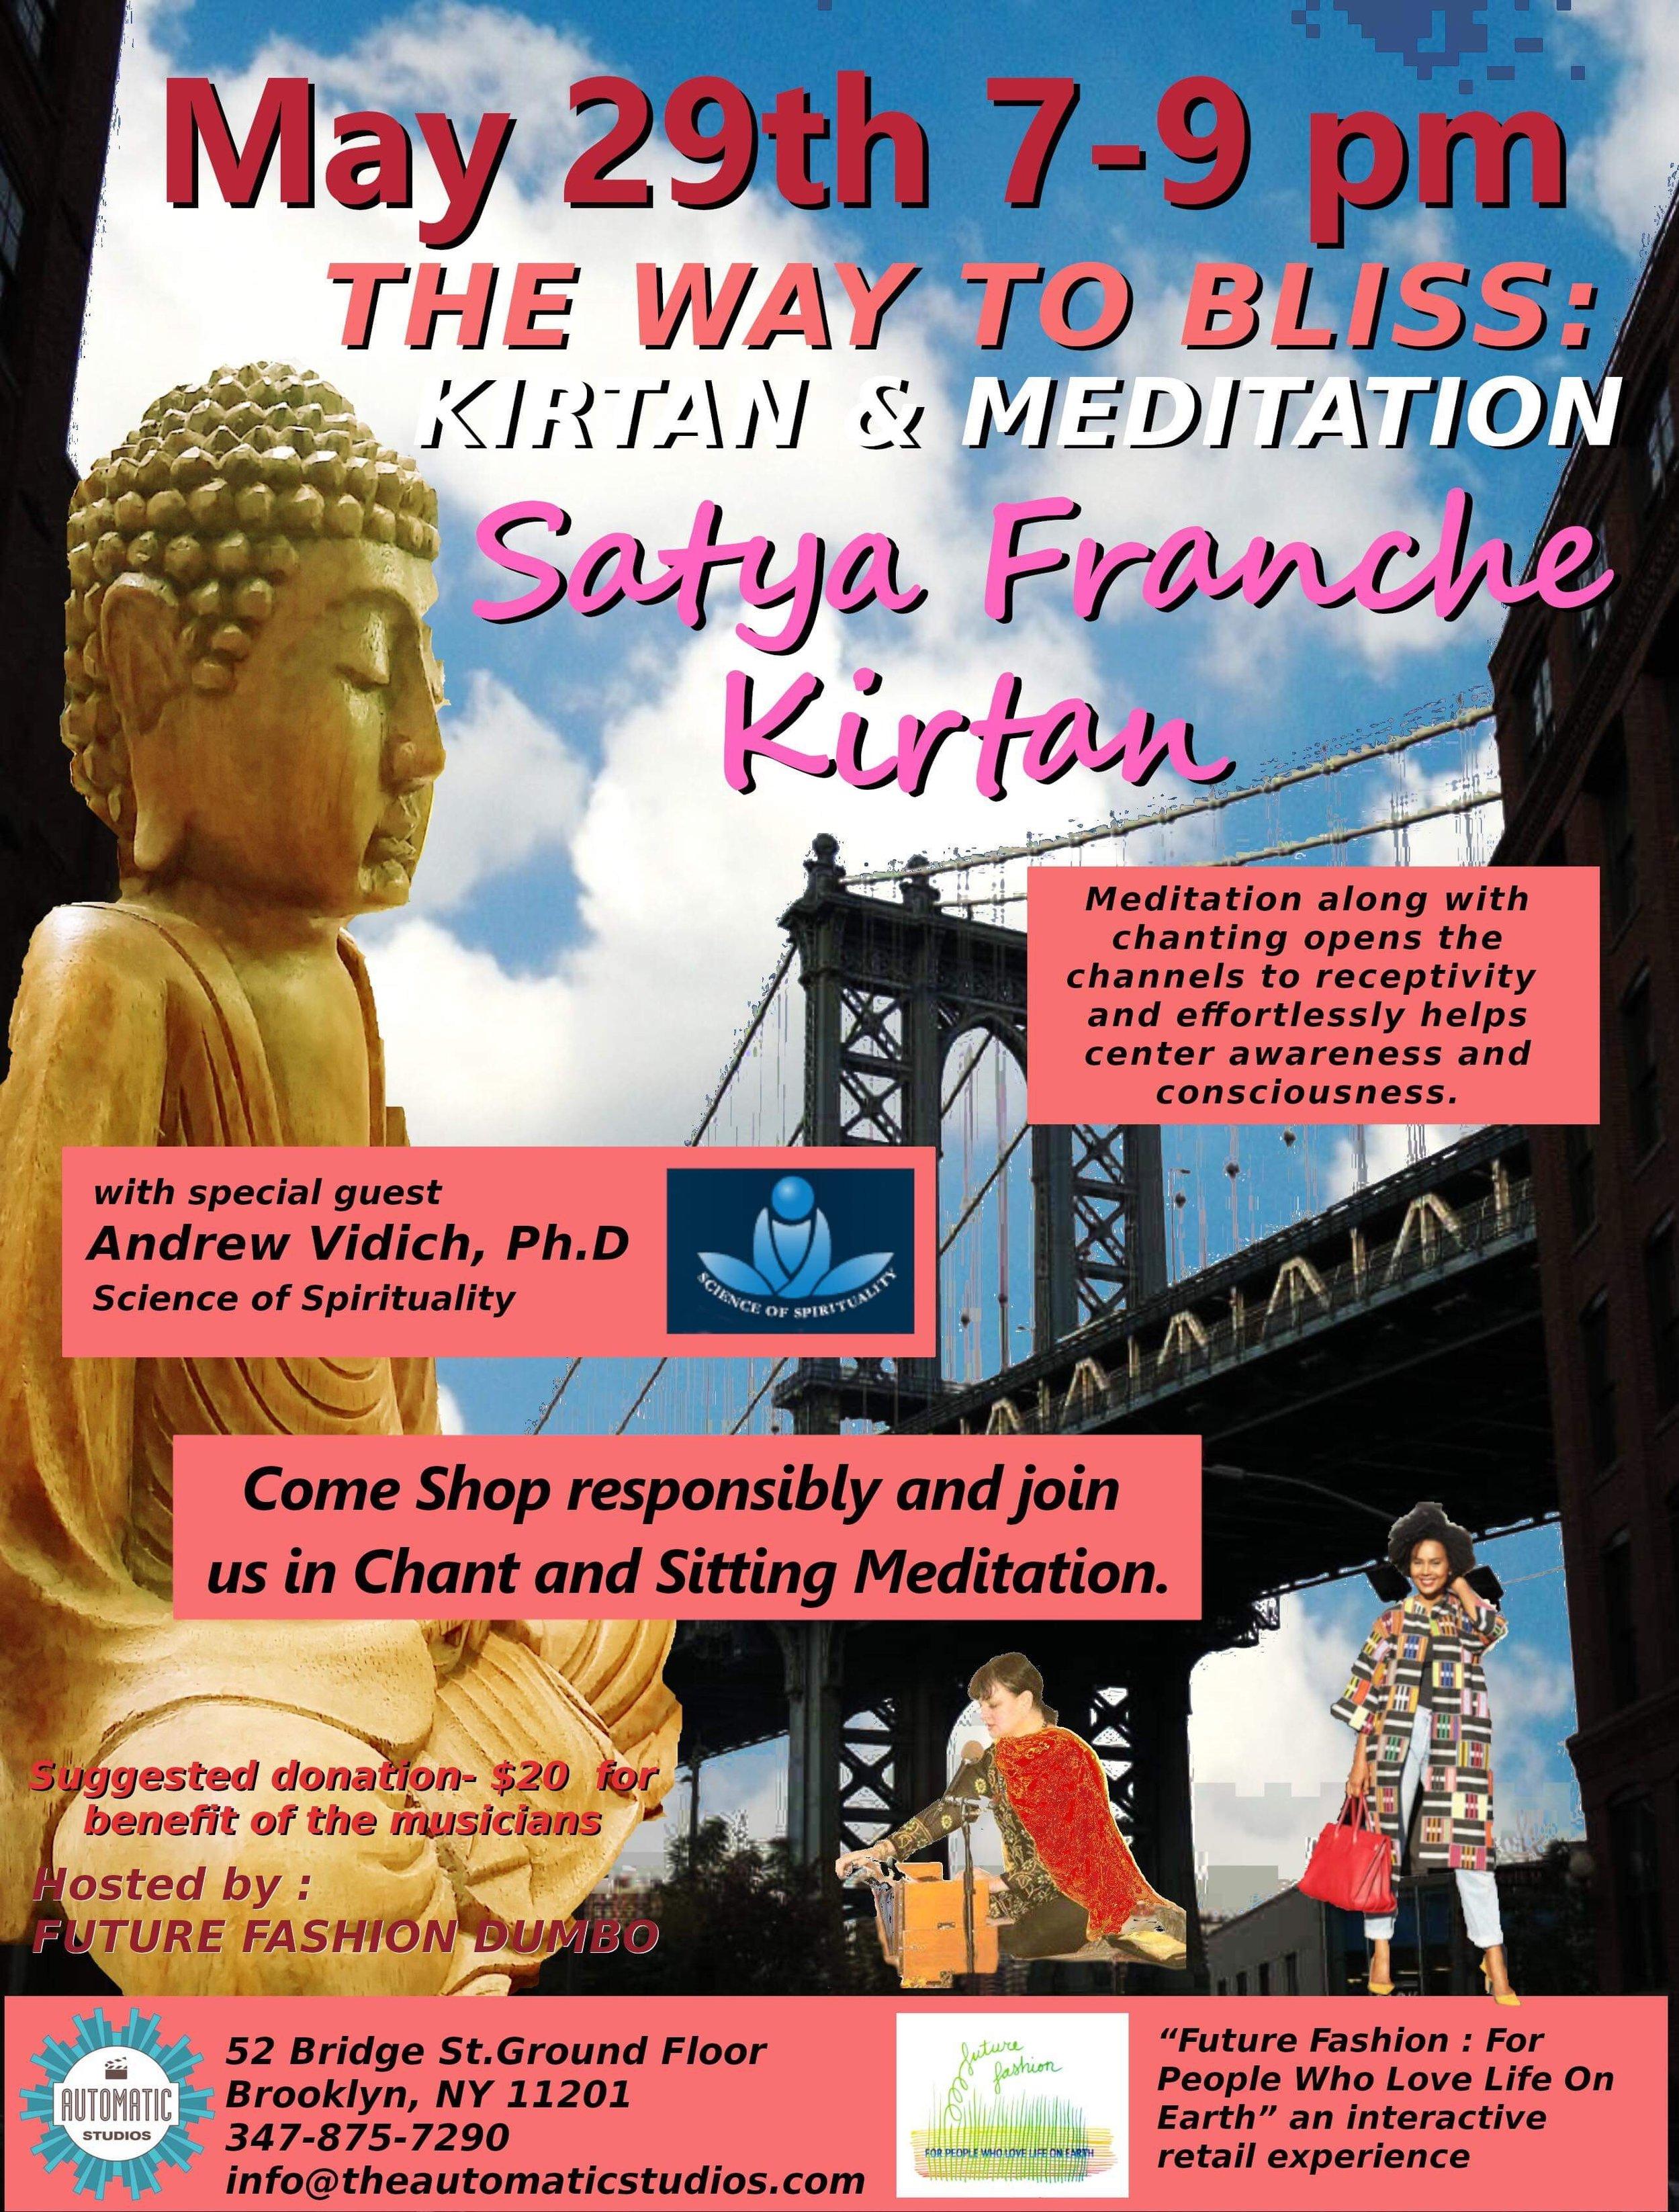 Kirtan and Meditation